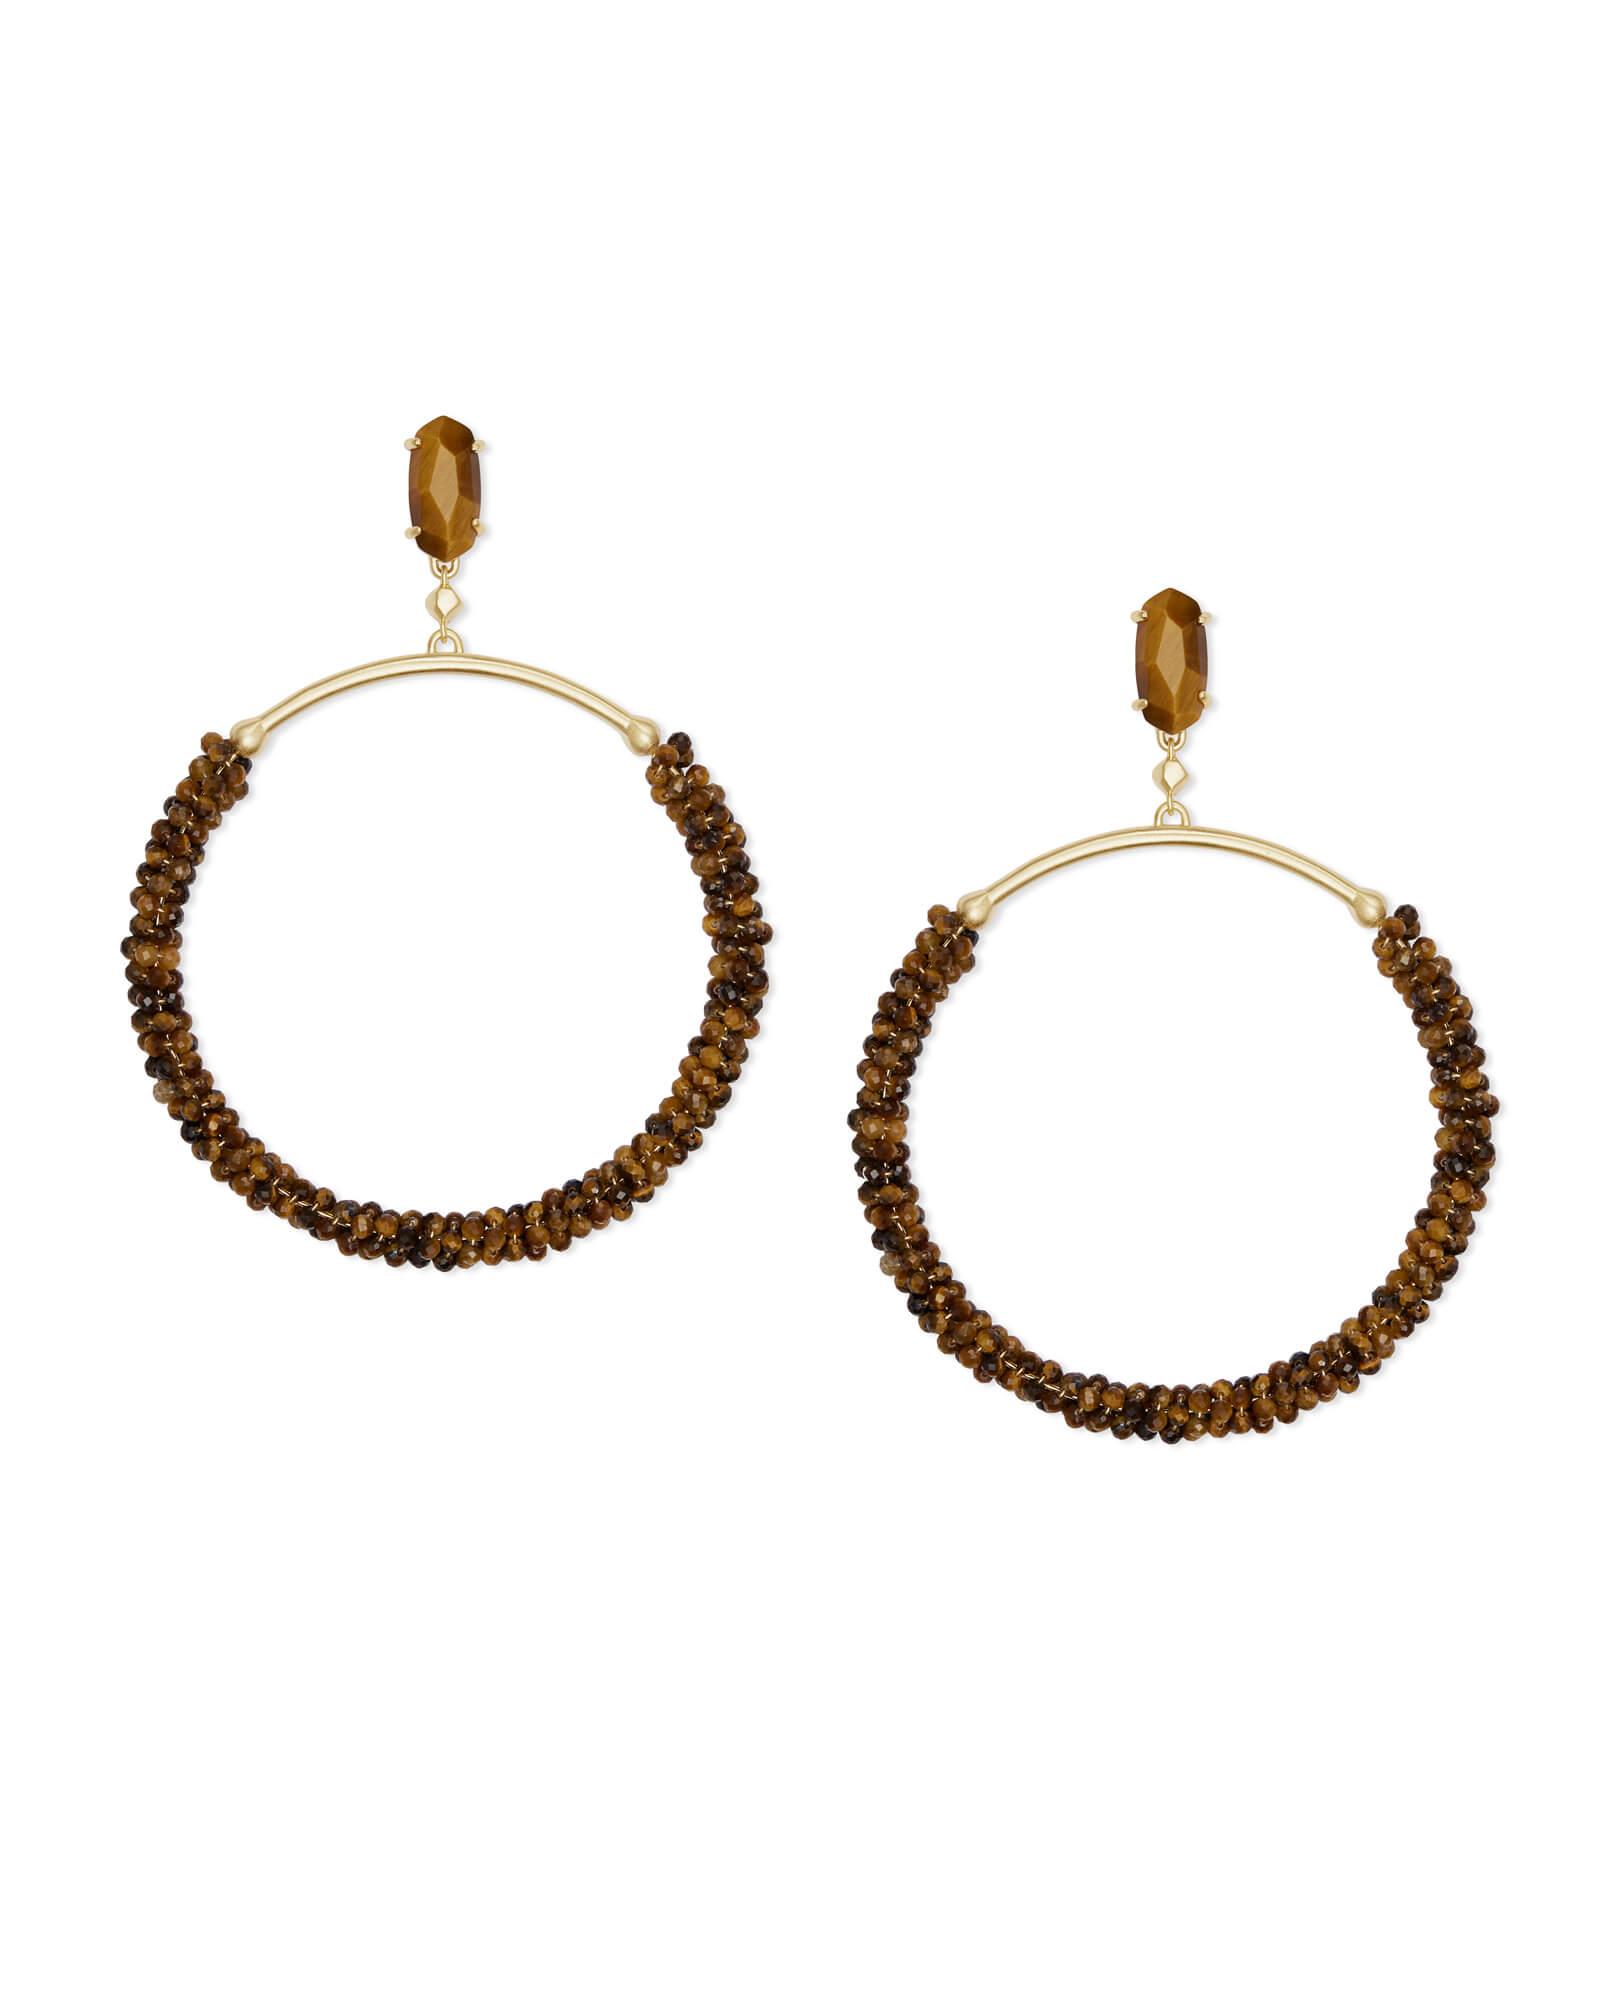 Russel Gold Hoop Earrings In Brown Tigers Eye